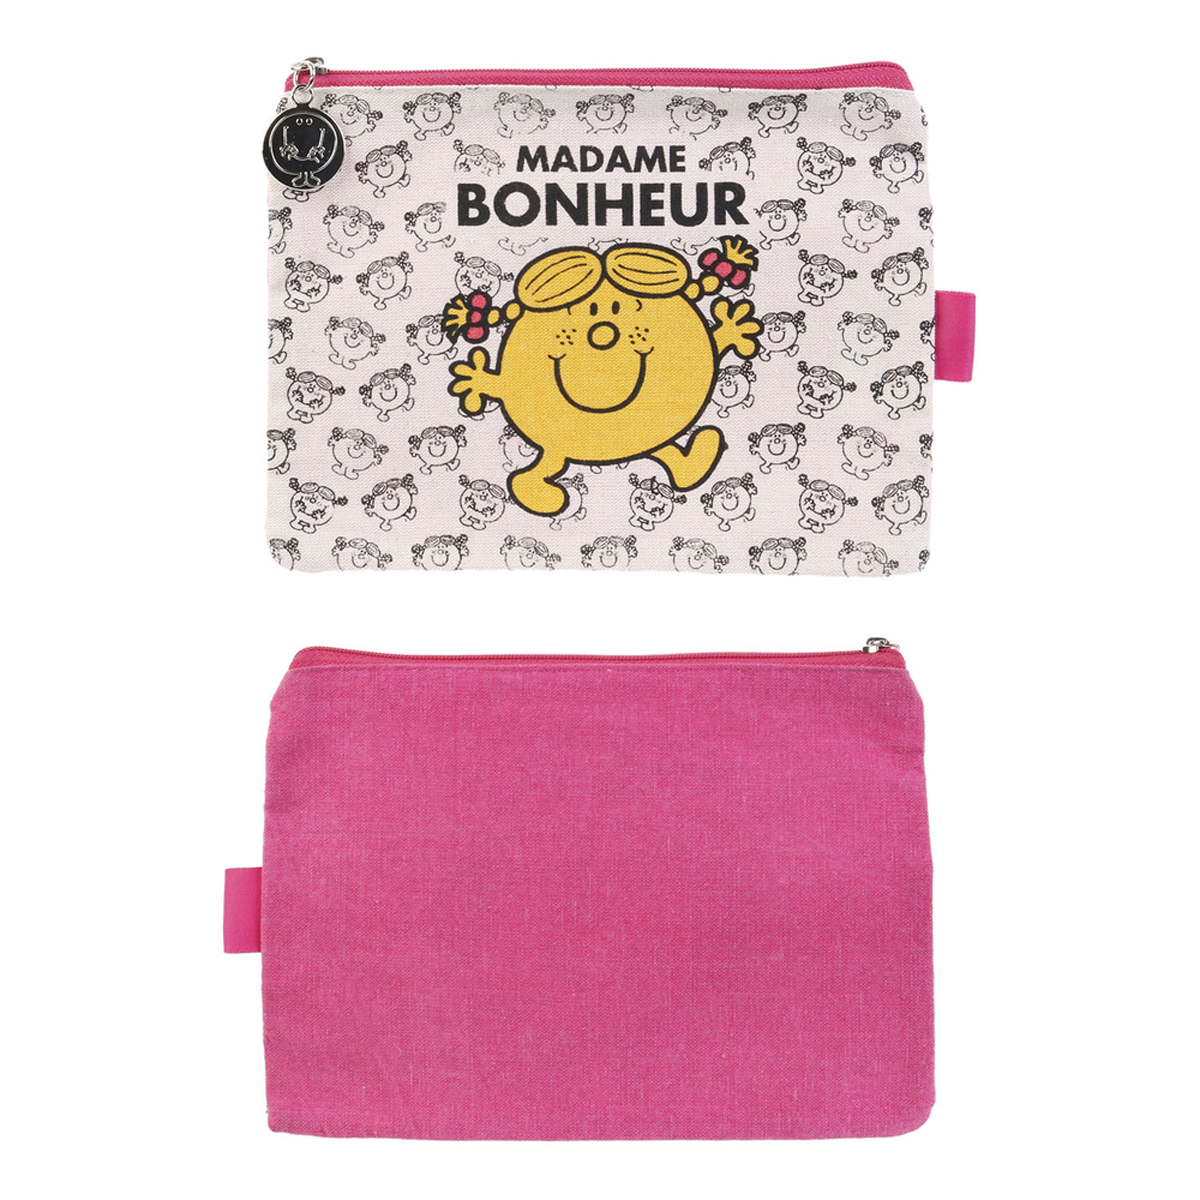 Trousse plate coton \'Monsieur Madame\' rose (Mme Bonheur) - 19x14 cm - [R0019]